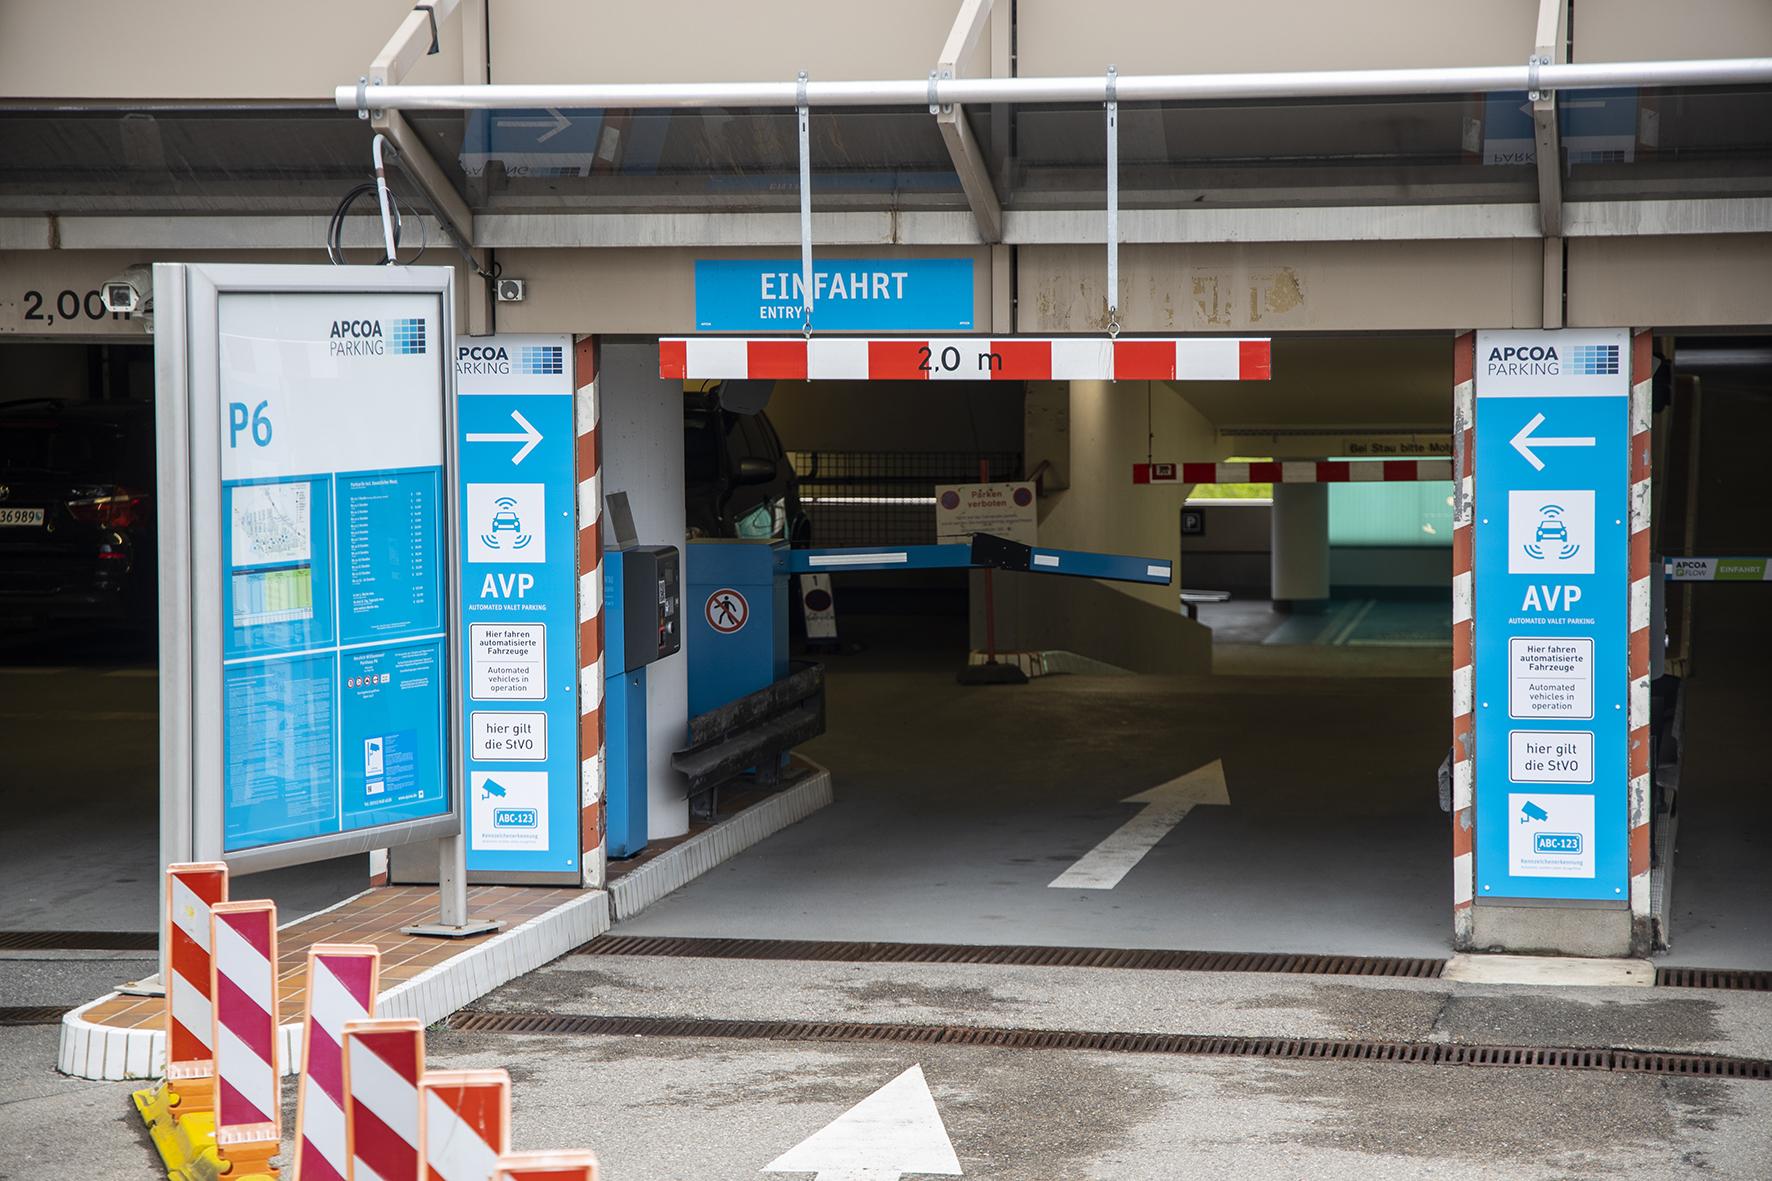 Letiště ve Stuttgartu přivítá plně automatické parkování bez řidiče